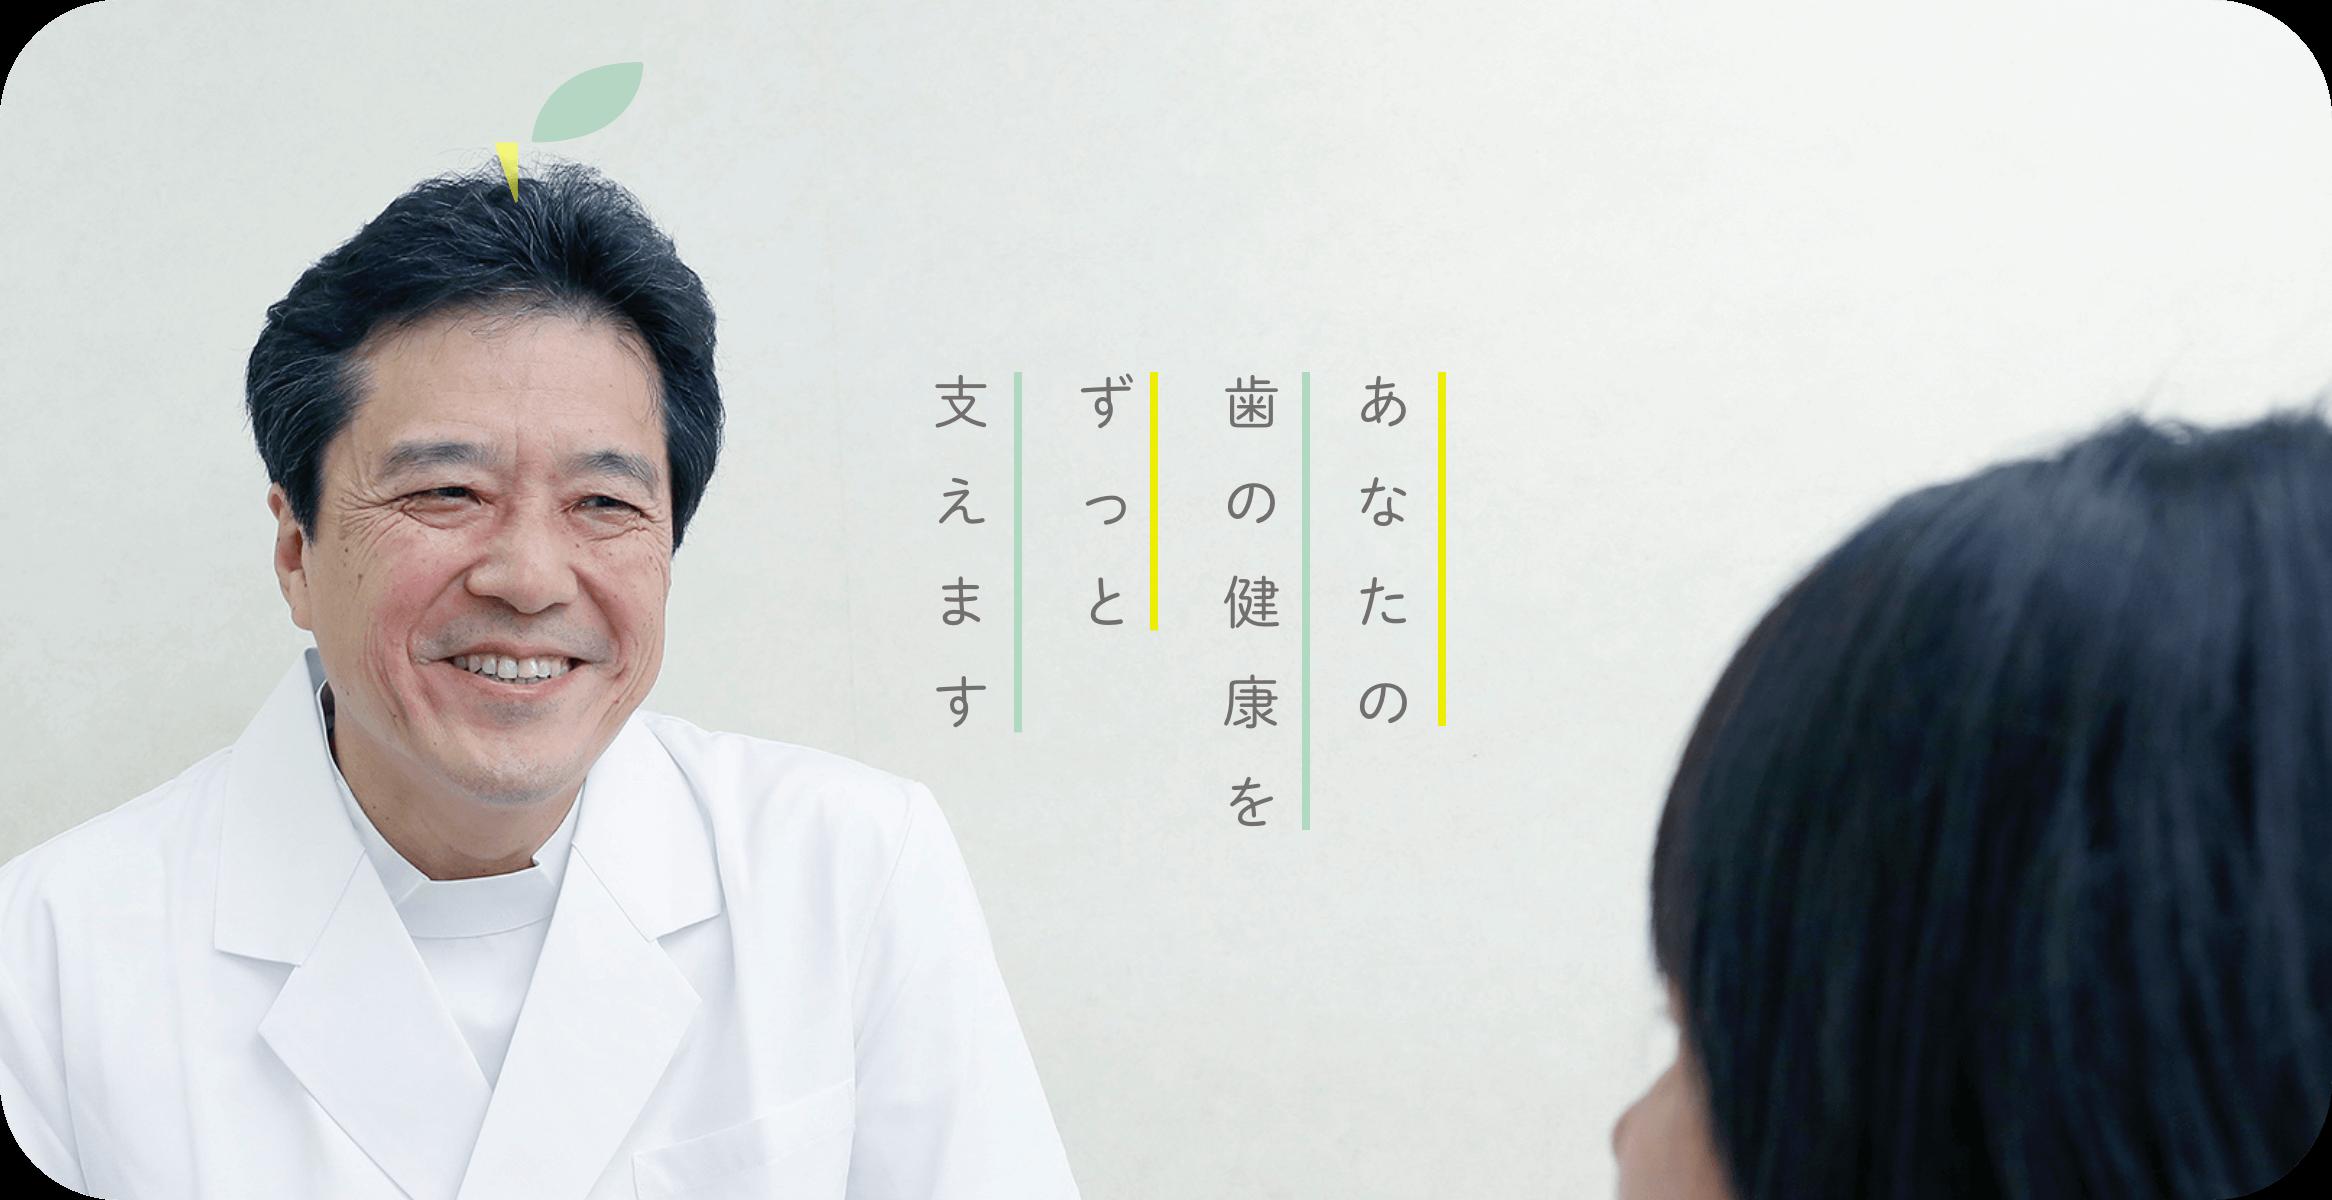 あなたの歯の健康をずっと支えます